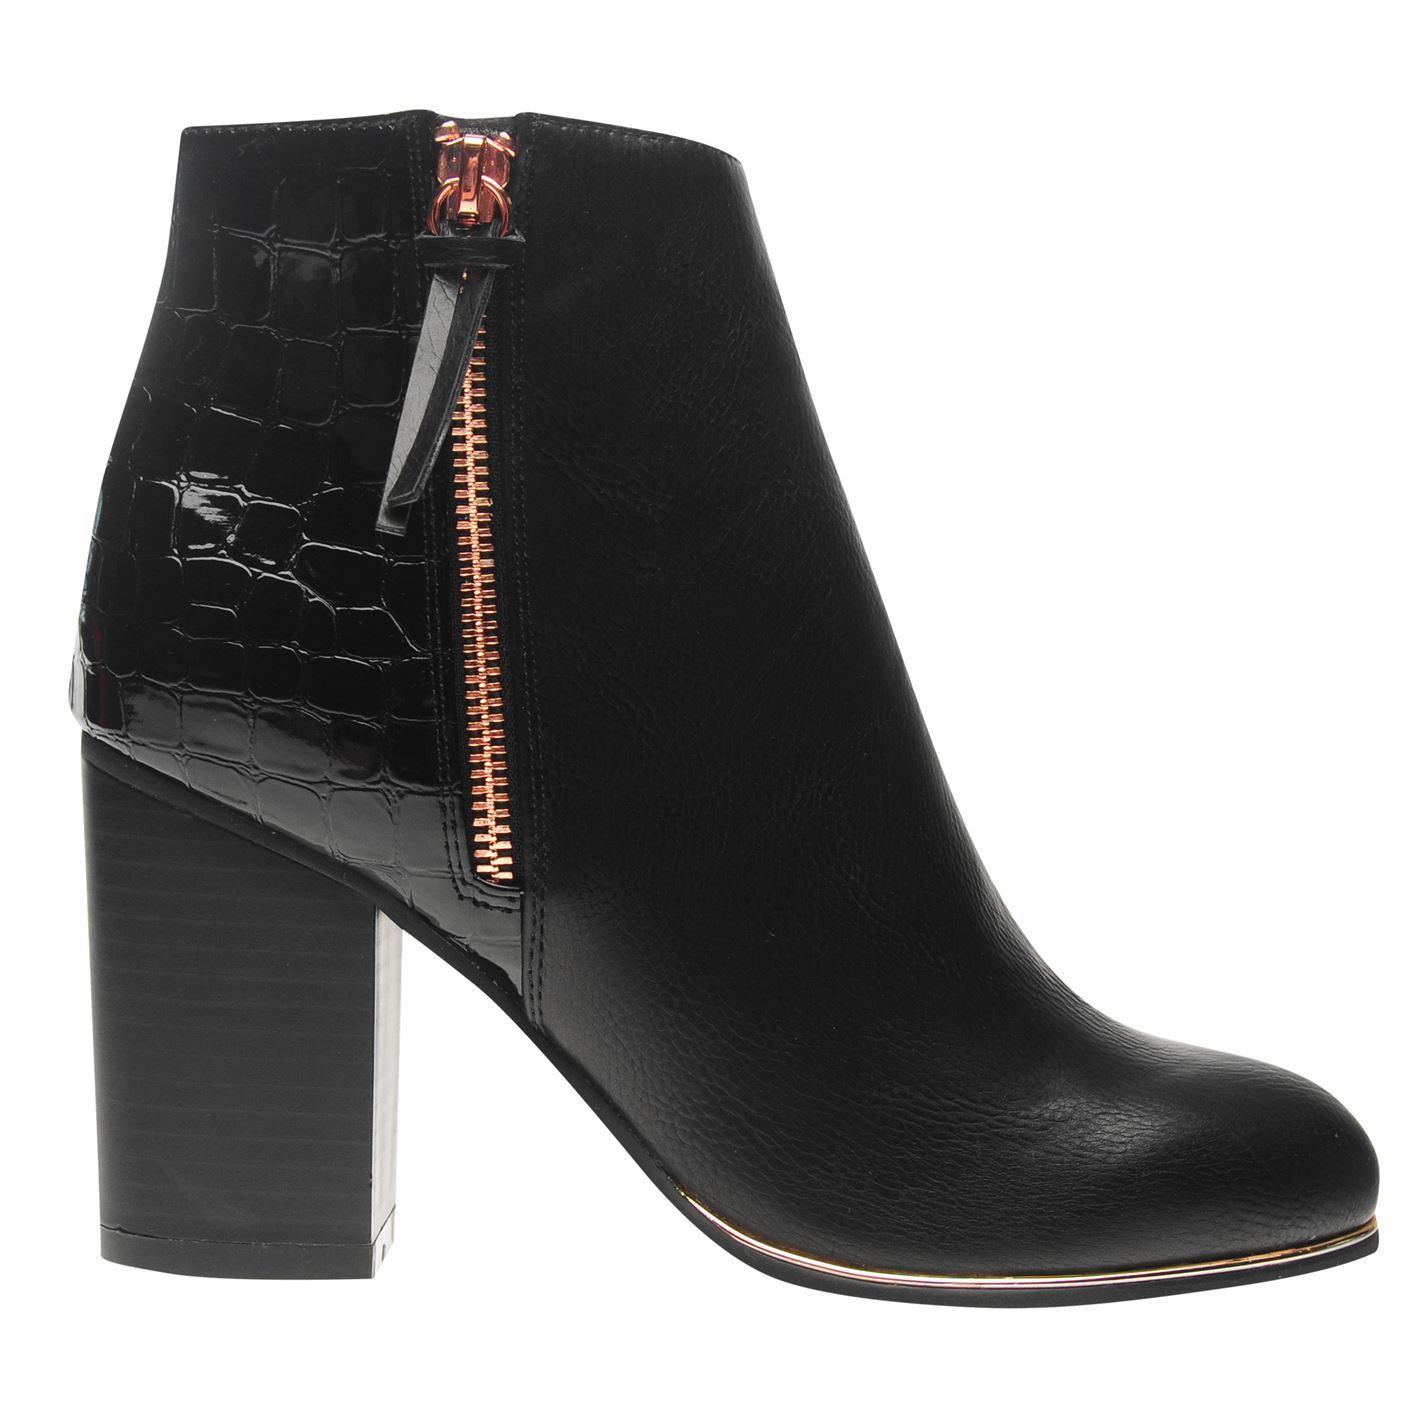 Null Gewinn Damen Stiefel Stiefelette Damen RV Stiefel